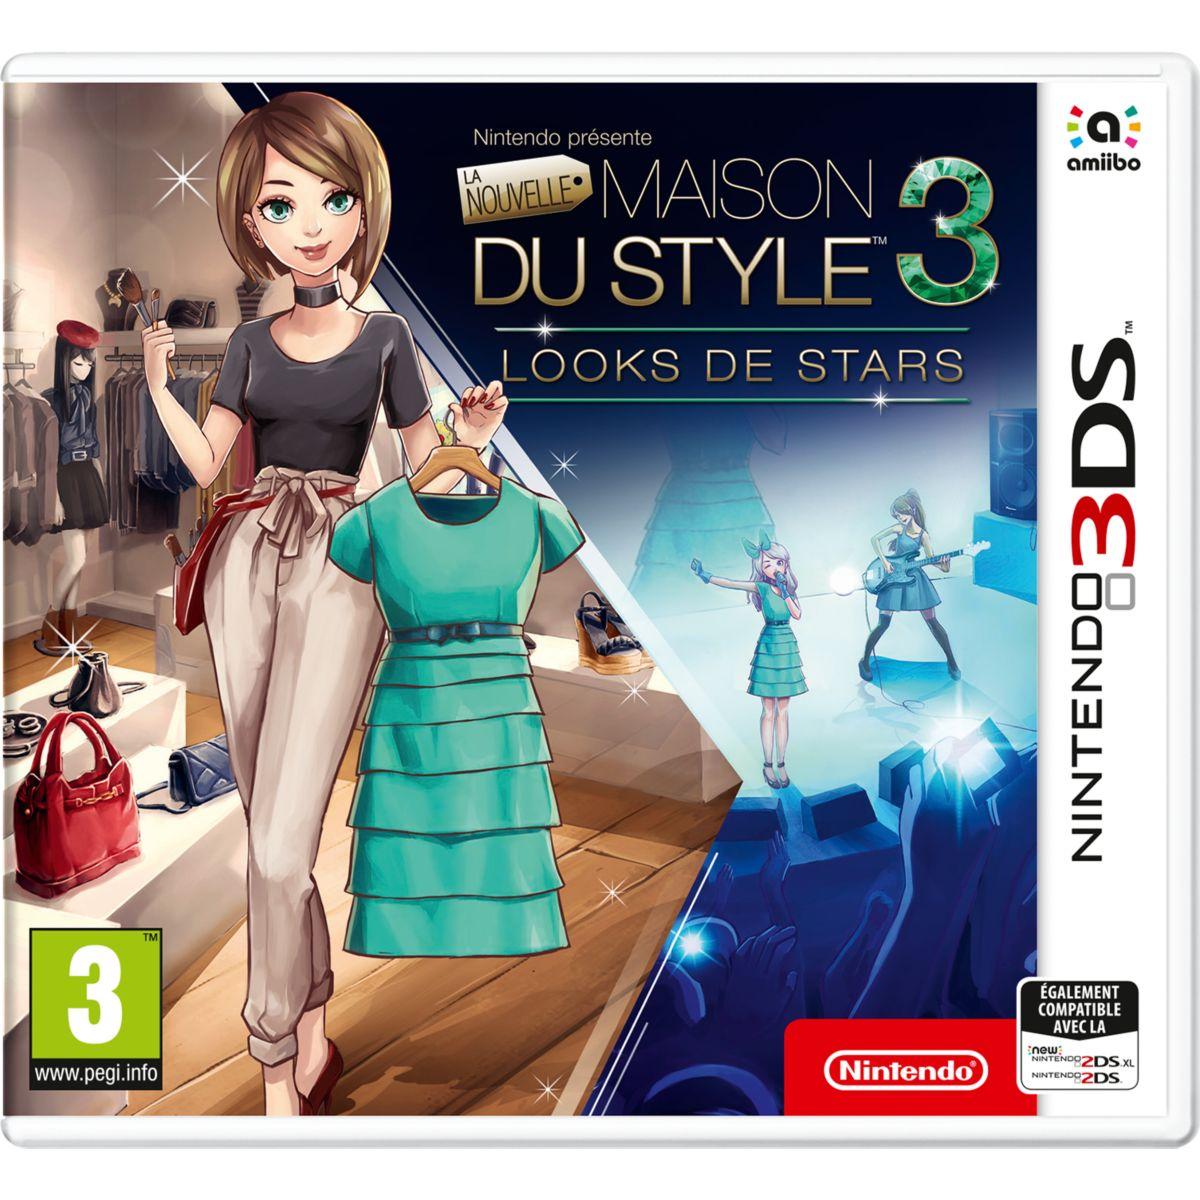 Jeu 3DS NINTENDO La Nouvelle Maison du Style 3 (photo)